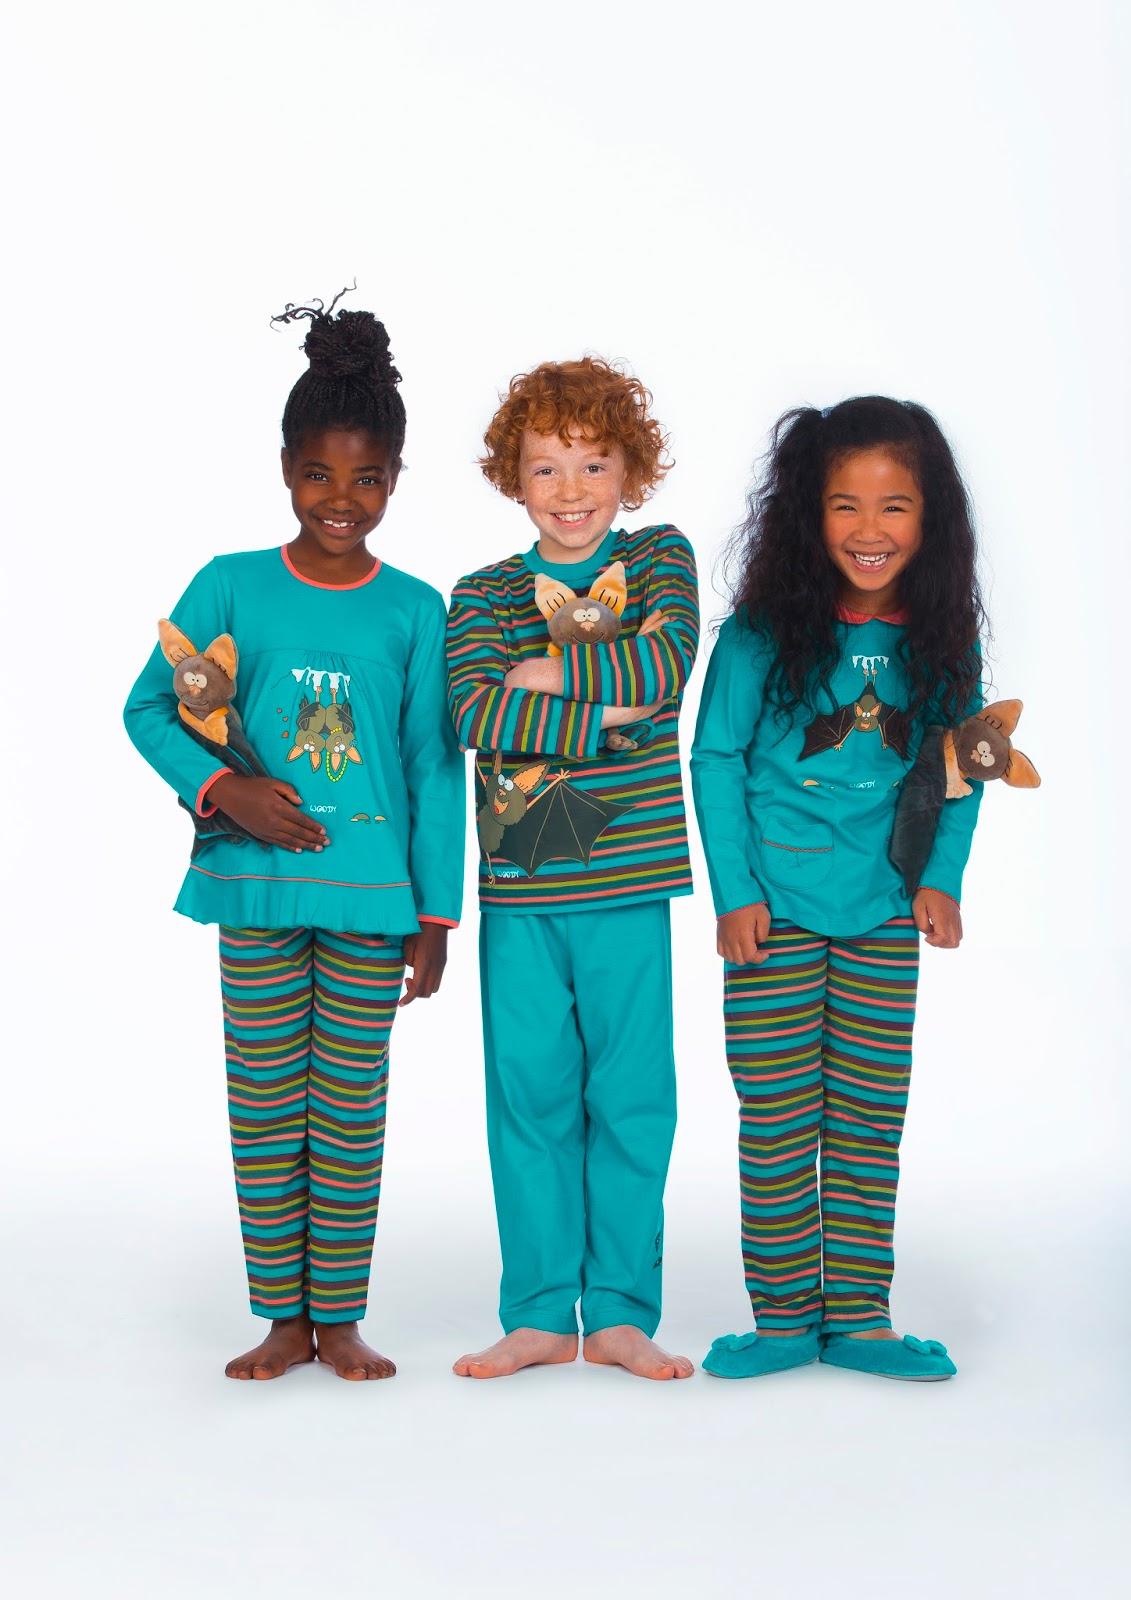 bf9152f3b34 Proefkonijn gezocht: nieuwe Woody-collectie - Getest op kinderen